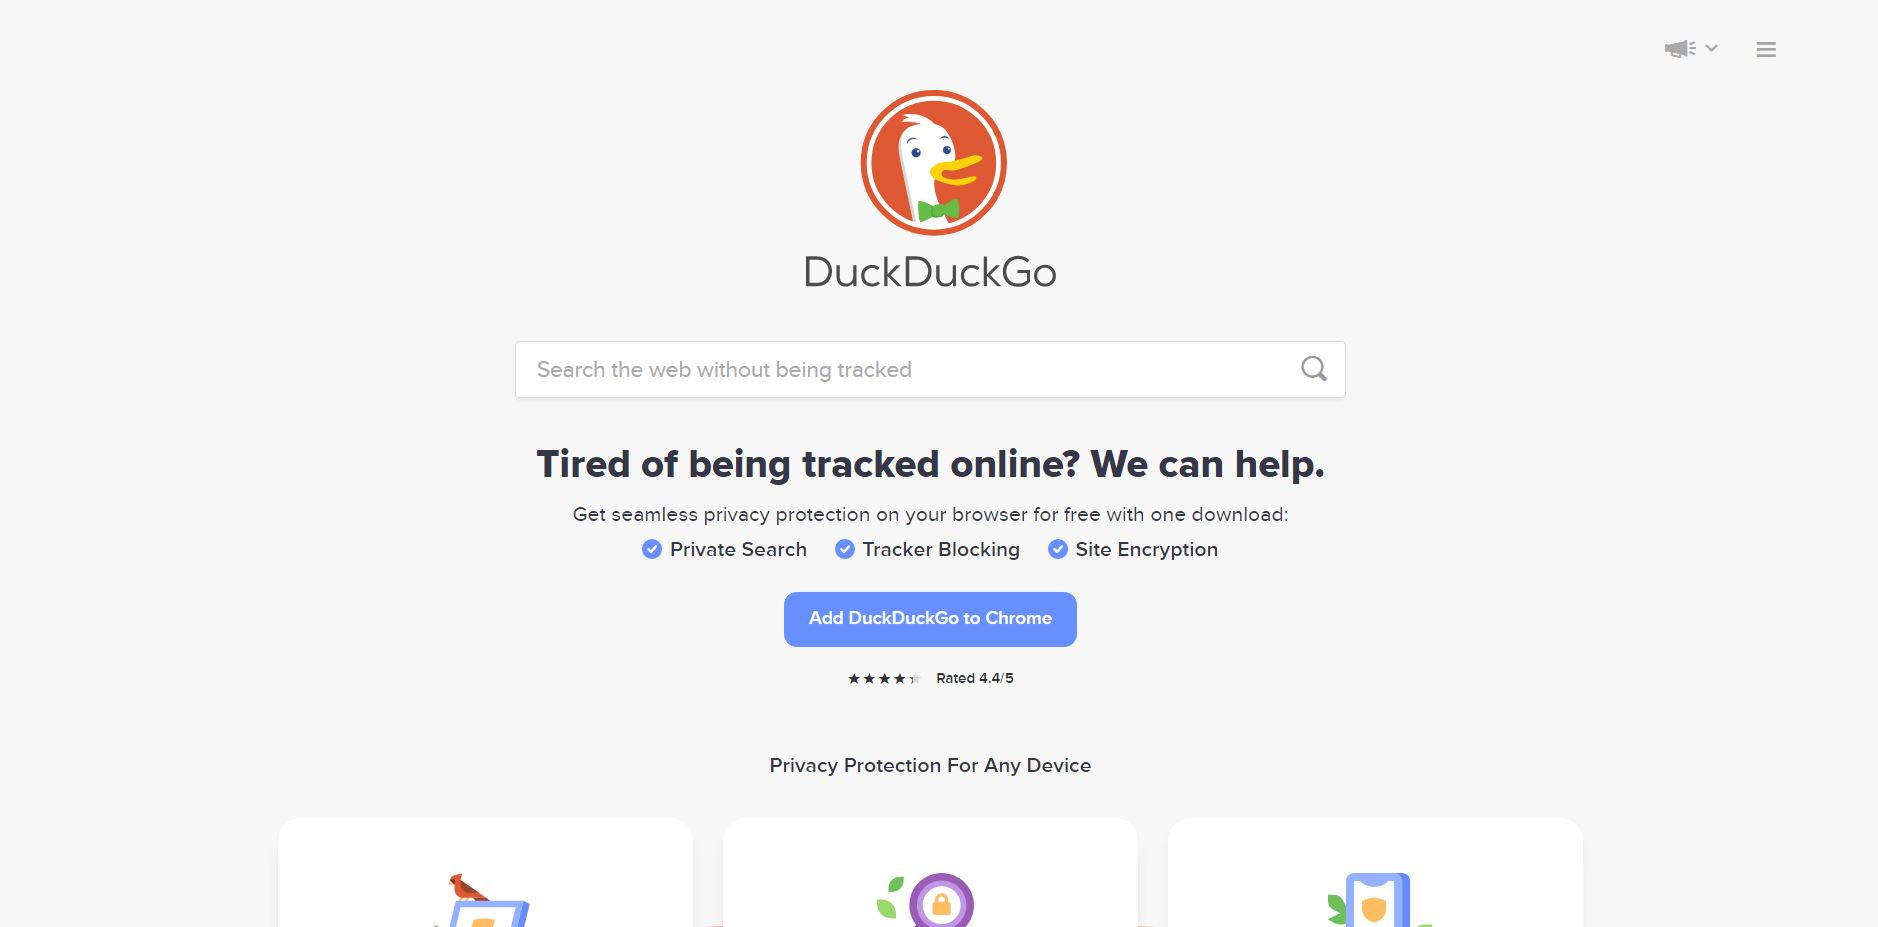 Прощай, Google! 15 Альтернативных поисковиков, которые не шпионят, а сажают деревья и раздают воду - 4